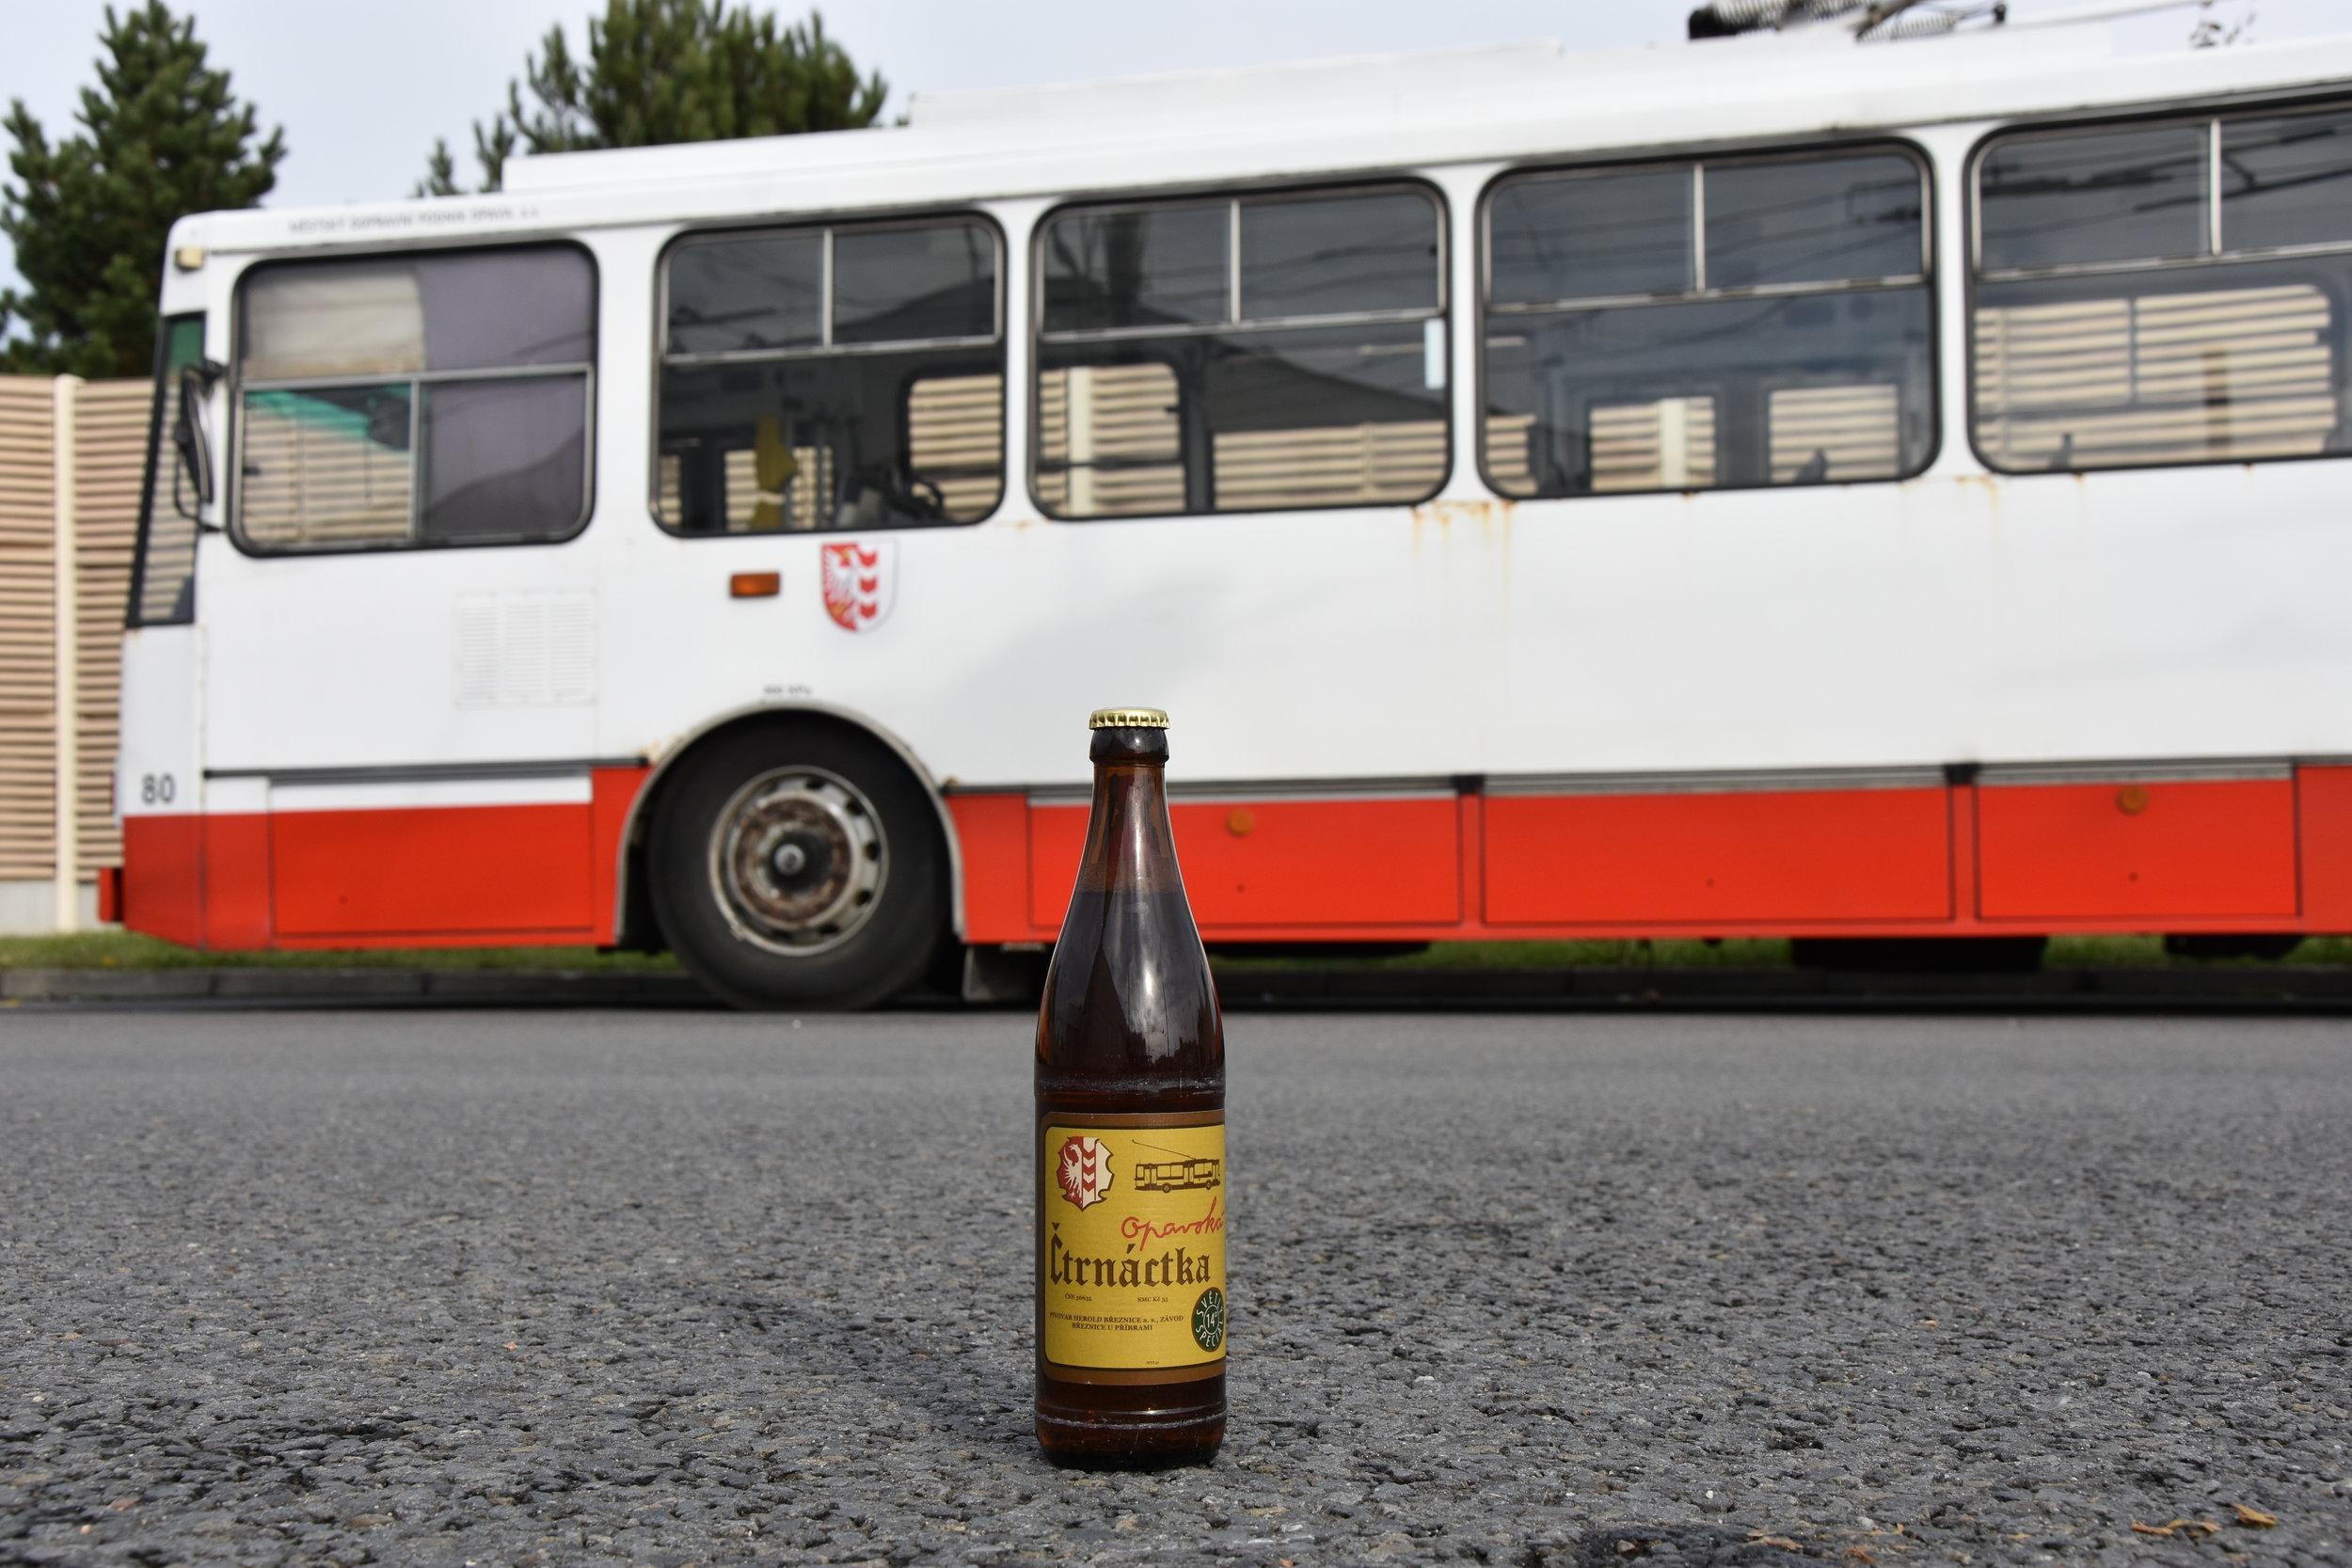 """Zátiší se čtrnáctkou. Trolejbus Škoda 14 Tr by měl být prvním trolejbusem na světě, který má """"své"""" pivo. (foto: Libor Hinčica)"""